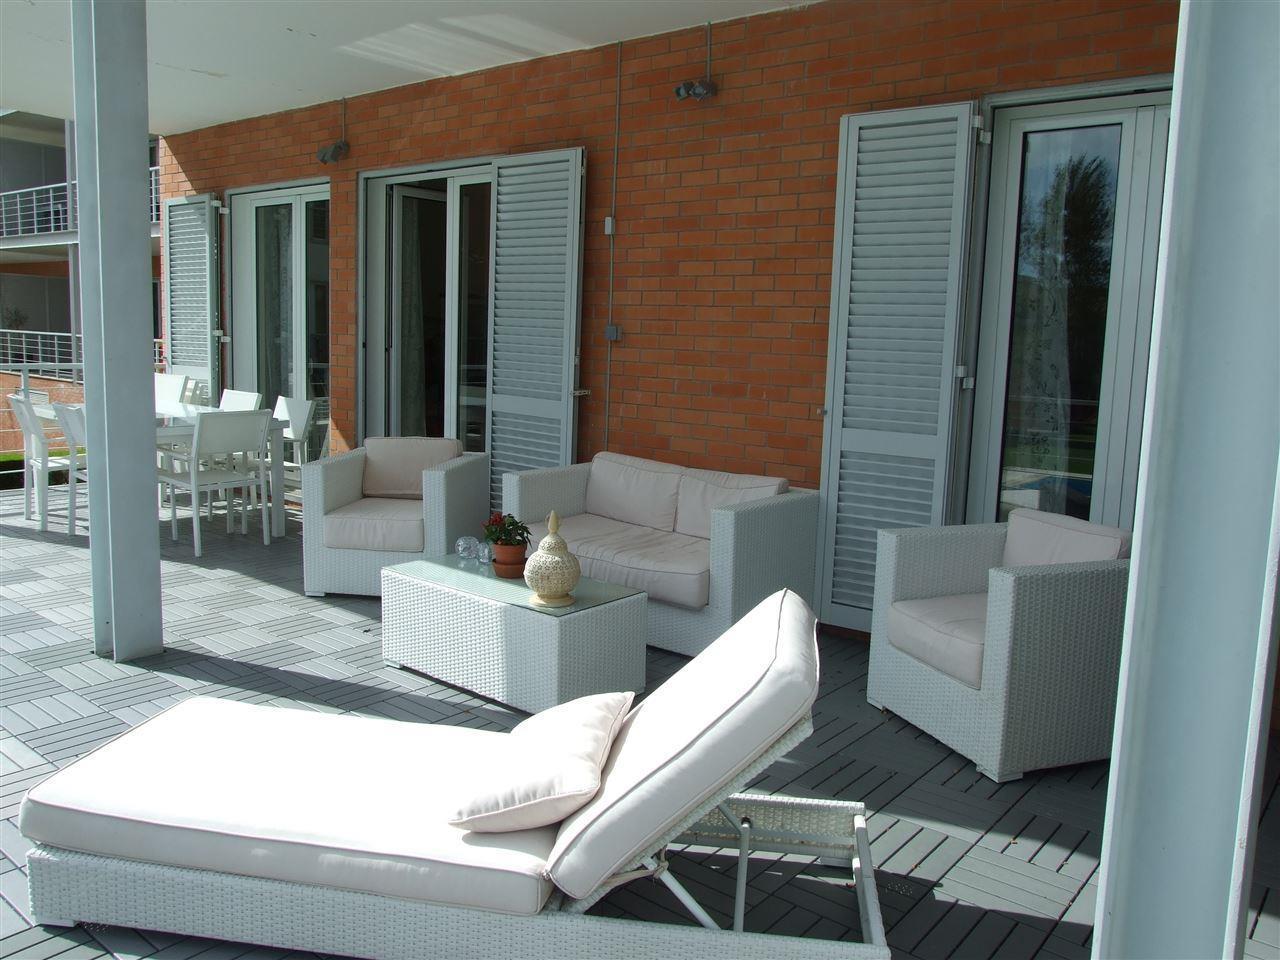 Căn hộ vì Bán tại Flat, 2 bedrooms, for Sale Beloura, Sintra, Lisboa Bồ Đào Nha